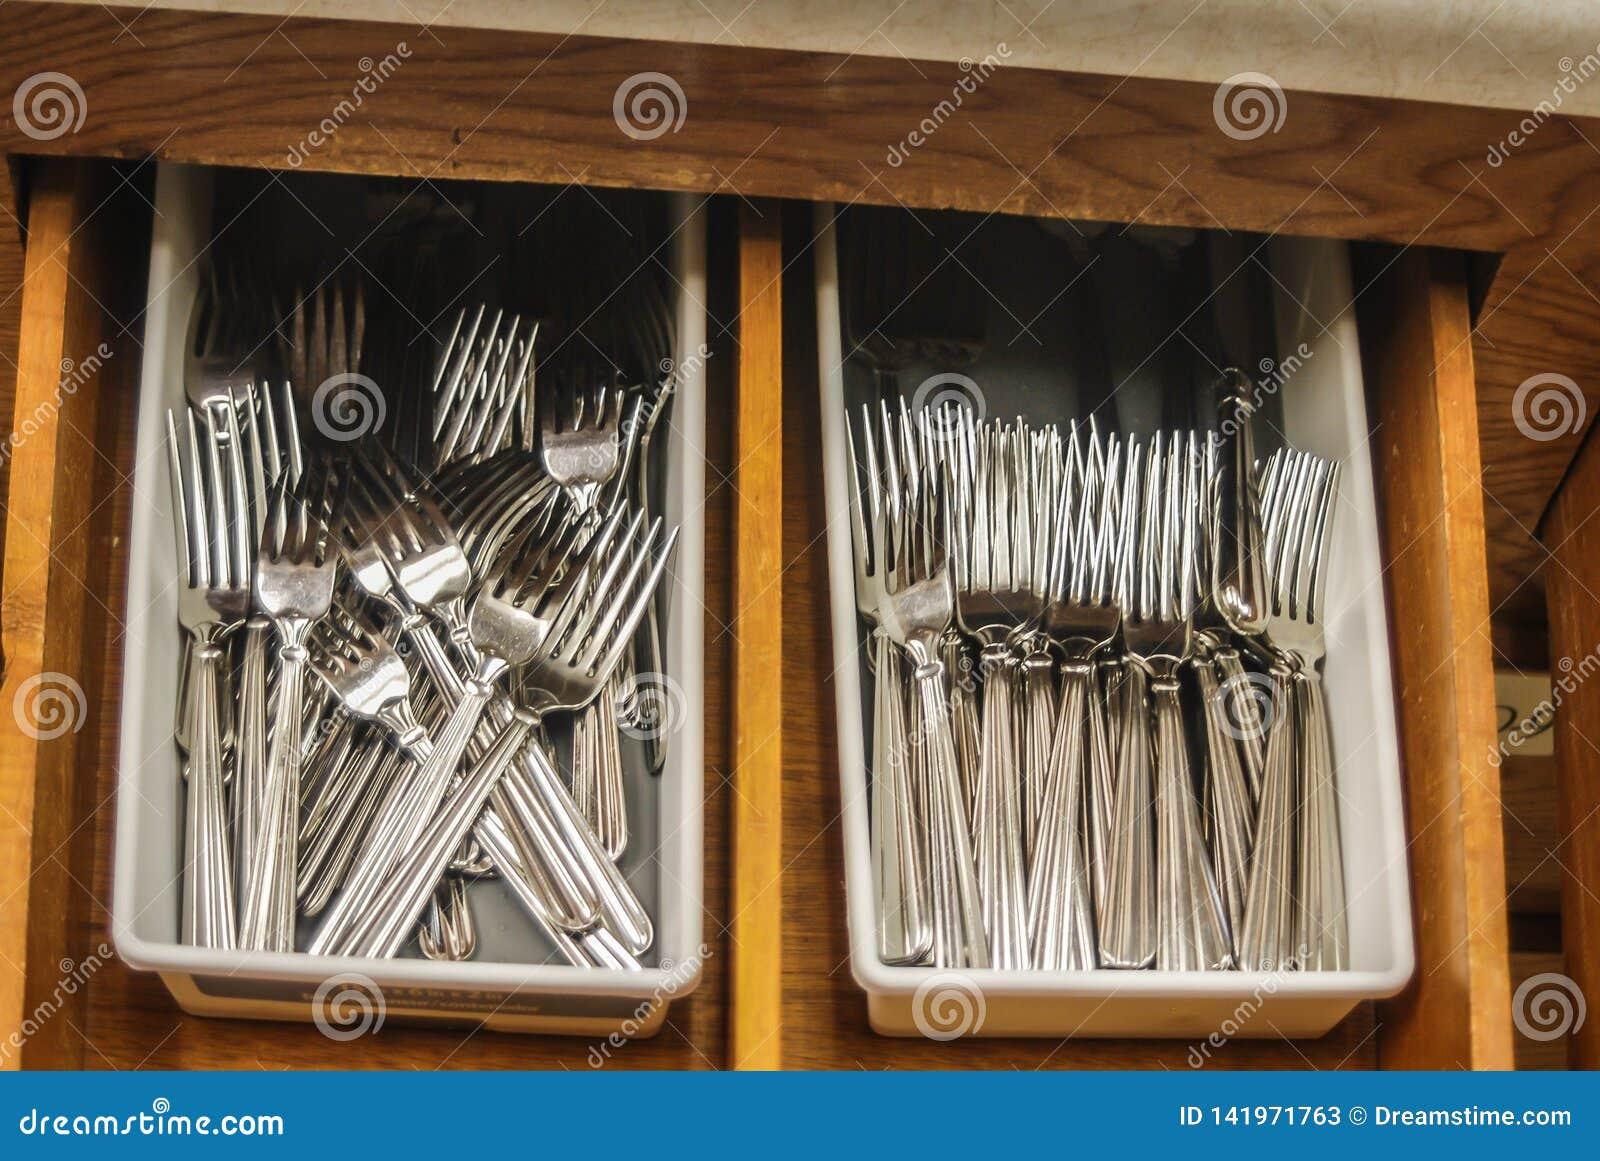 Bifurcaciones dentro del cajón de la cocina